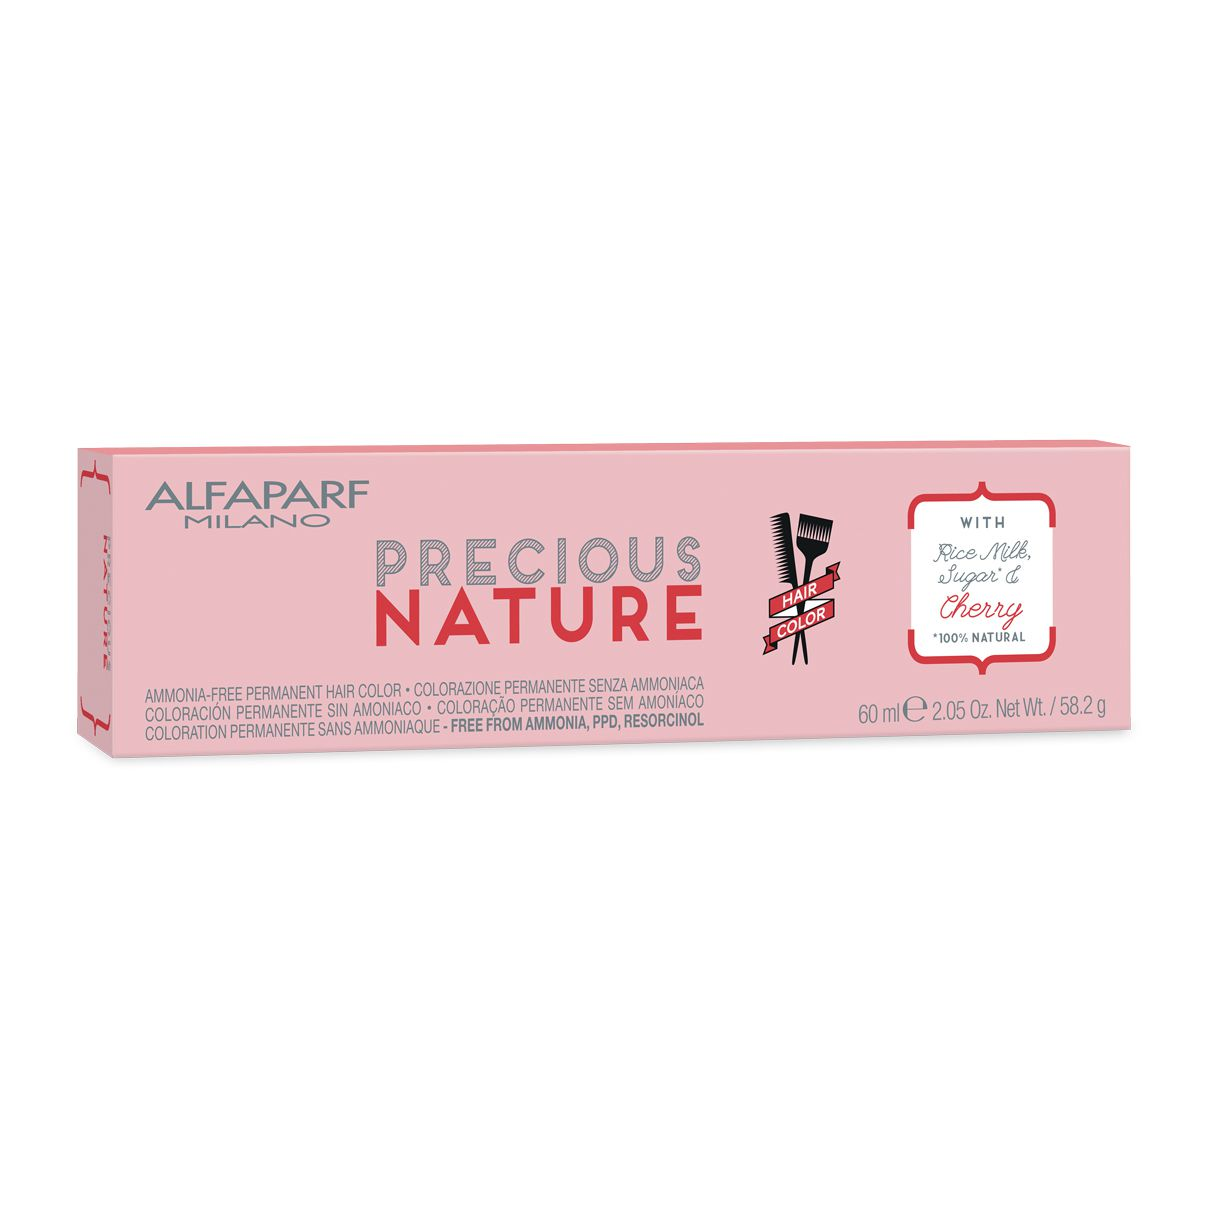 Alfaparf Milano Precious Nature Hair Color Creme de Coloração 7.4 Louro Médio Cobre 60ml